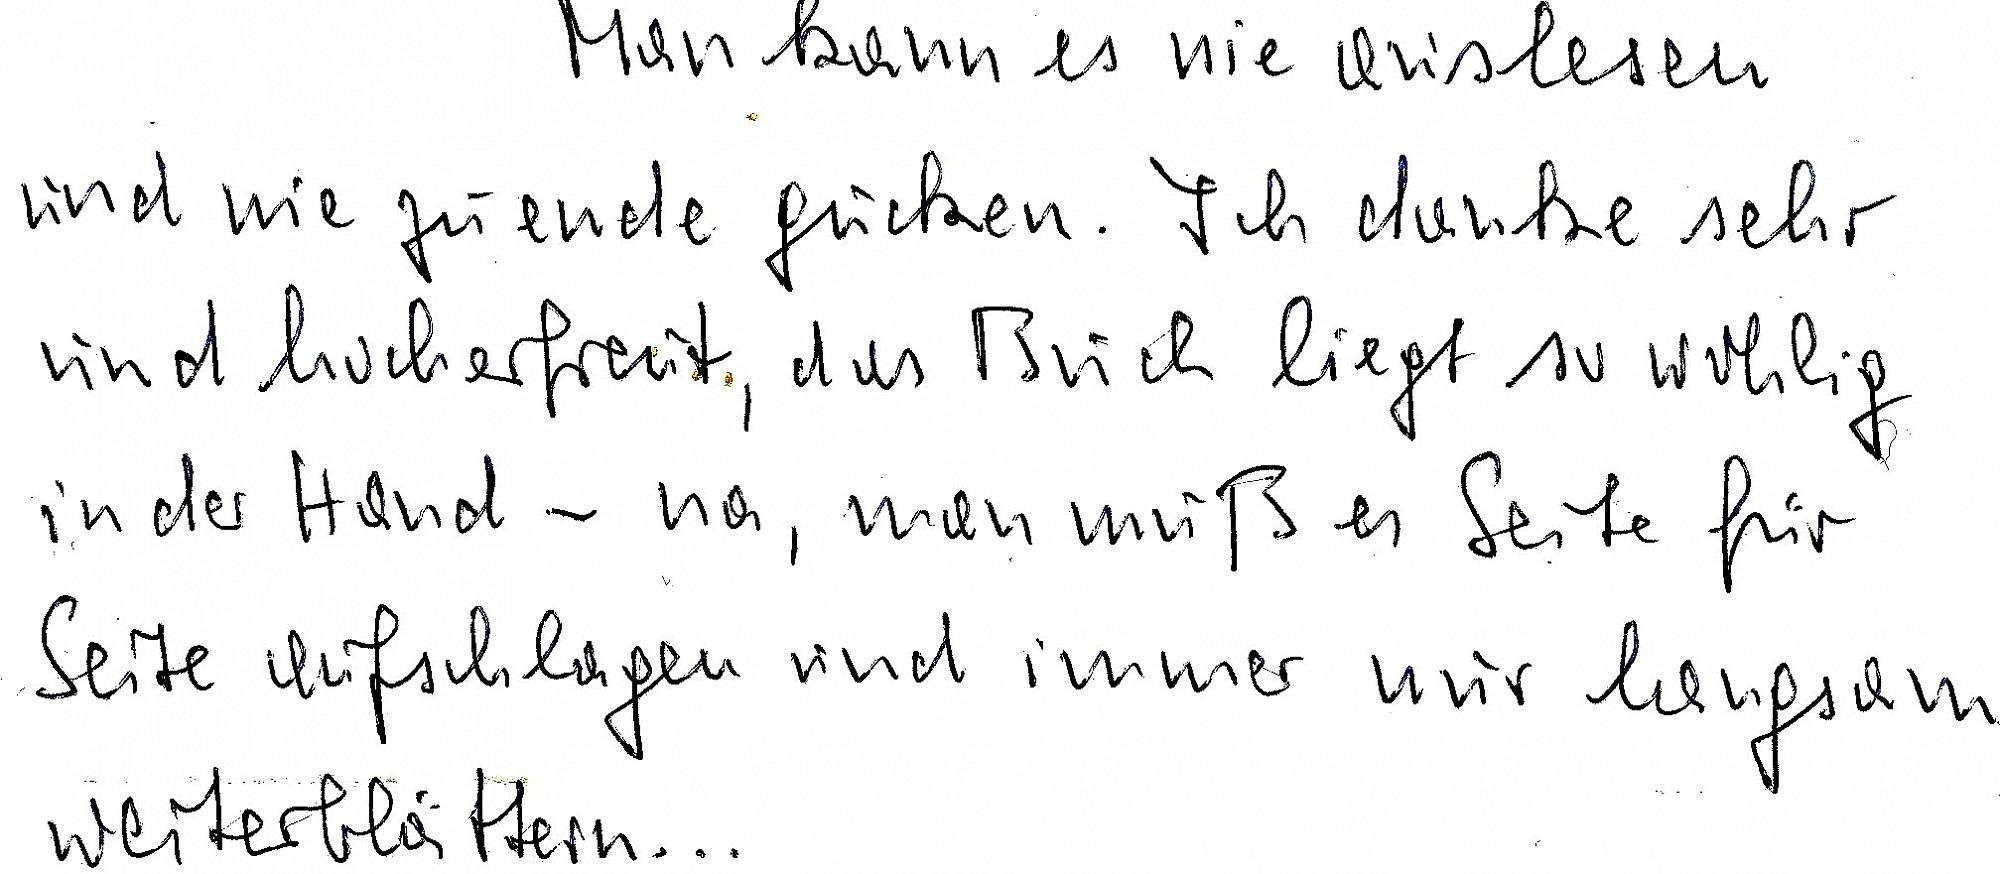 Melchior Schedler - Maler - Autor - Hörbuchautor - Schriftsteller